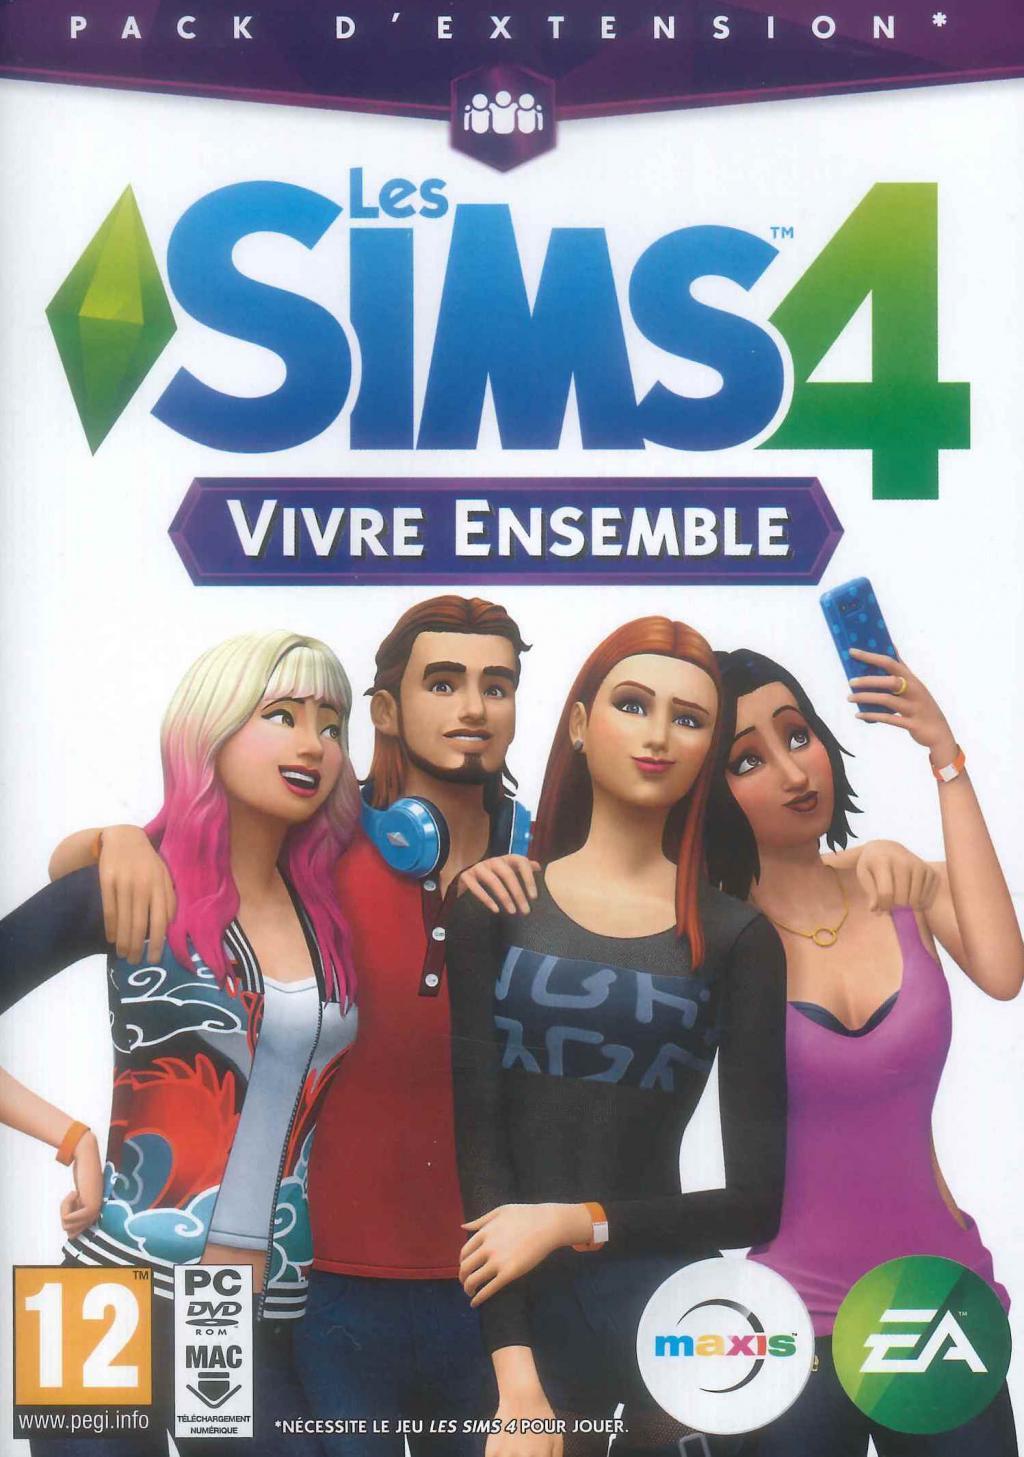 Les Sims 4 Vivre Ensemble (Extention Pack 02)